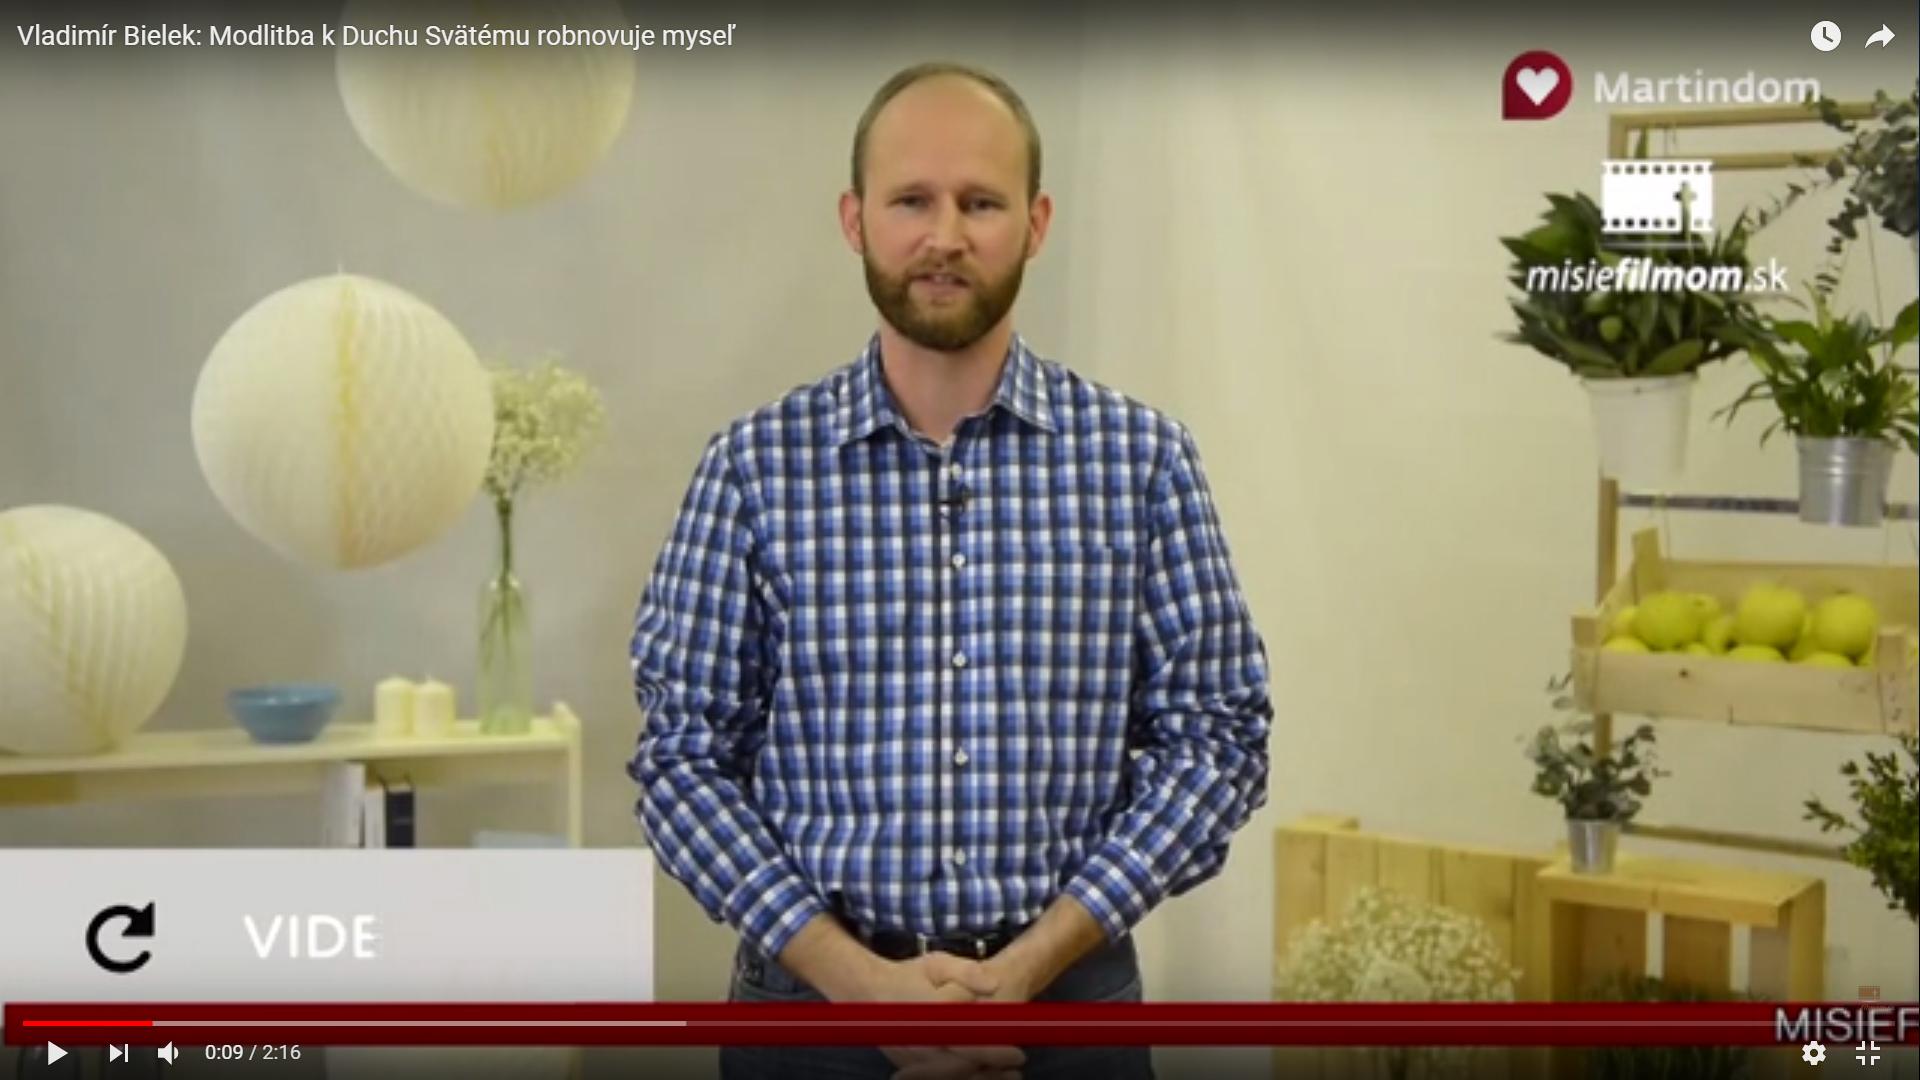 Vladimír Bielek: Modlitba k Duchu Svätému obnovuje myseľ